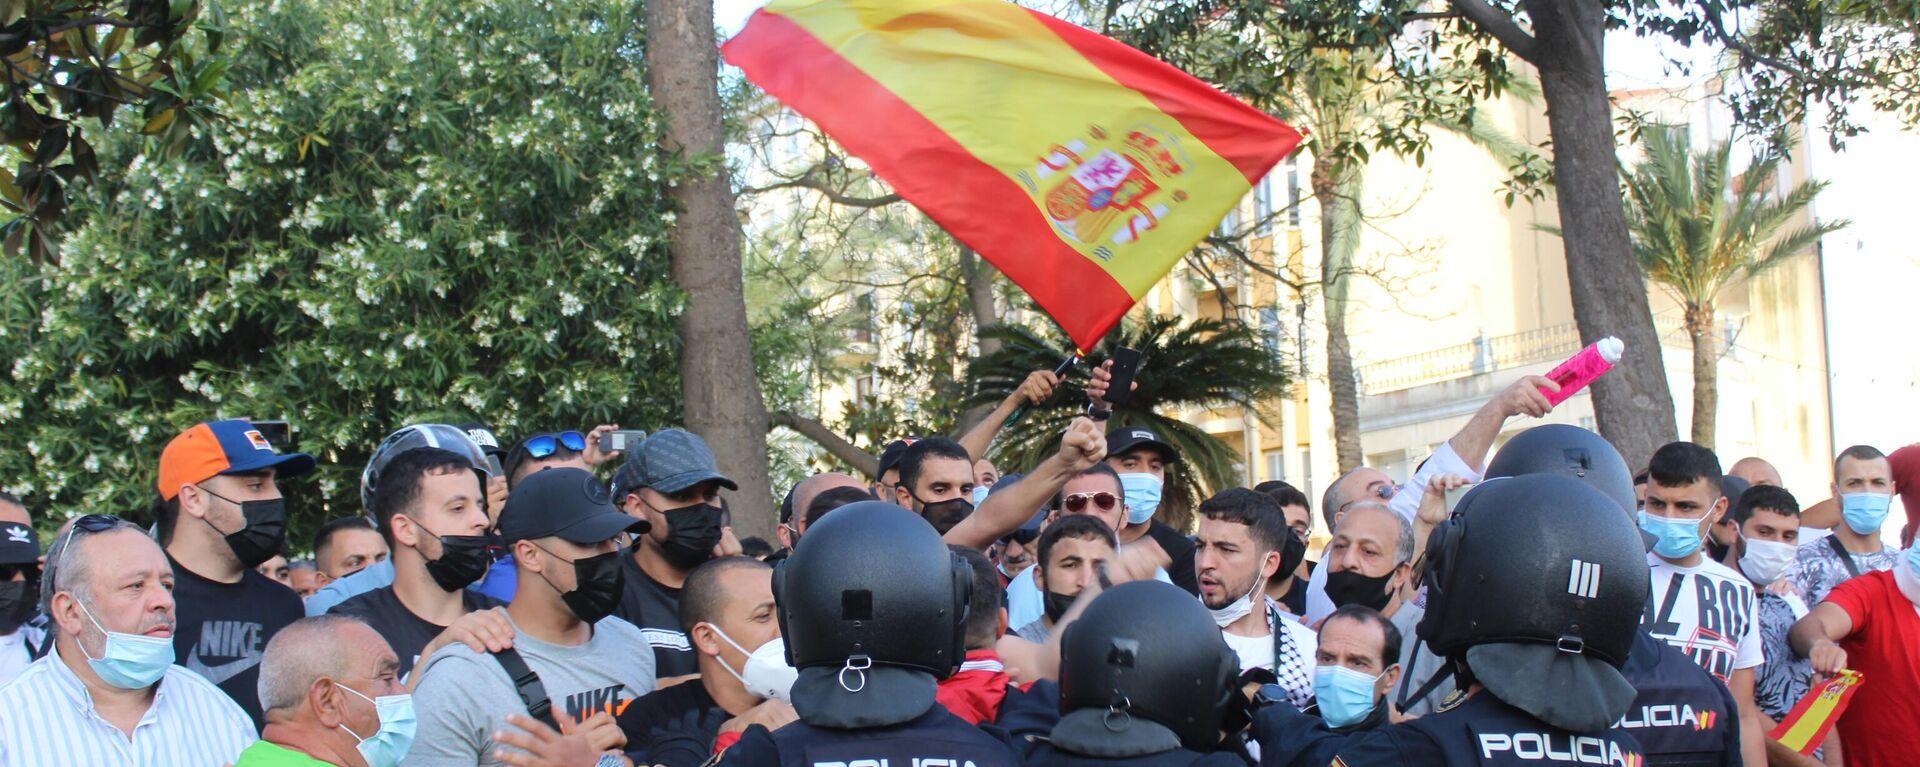 La Policía controla a un grupo de manifestantes con motivo de la presencia del presidente de Vox, Santiago Abascal, en Ceuta  - Sputnik Mundo, 1920, 25.05.2021